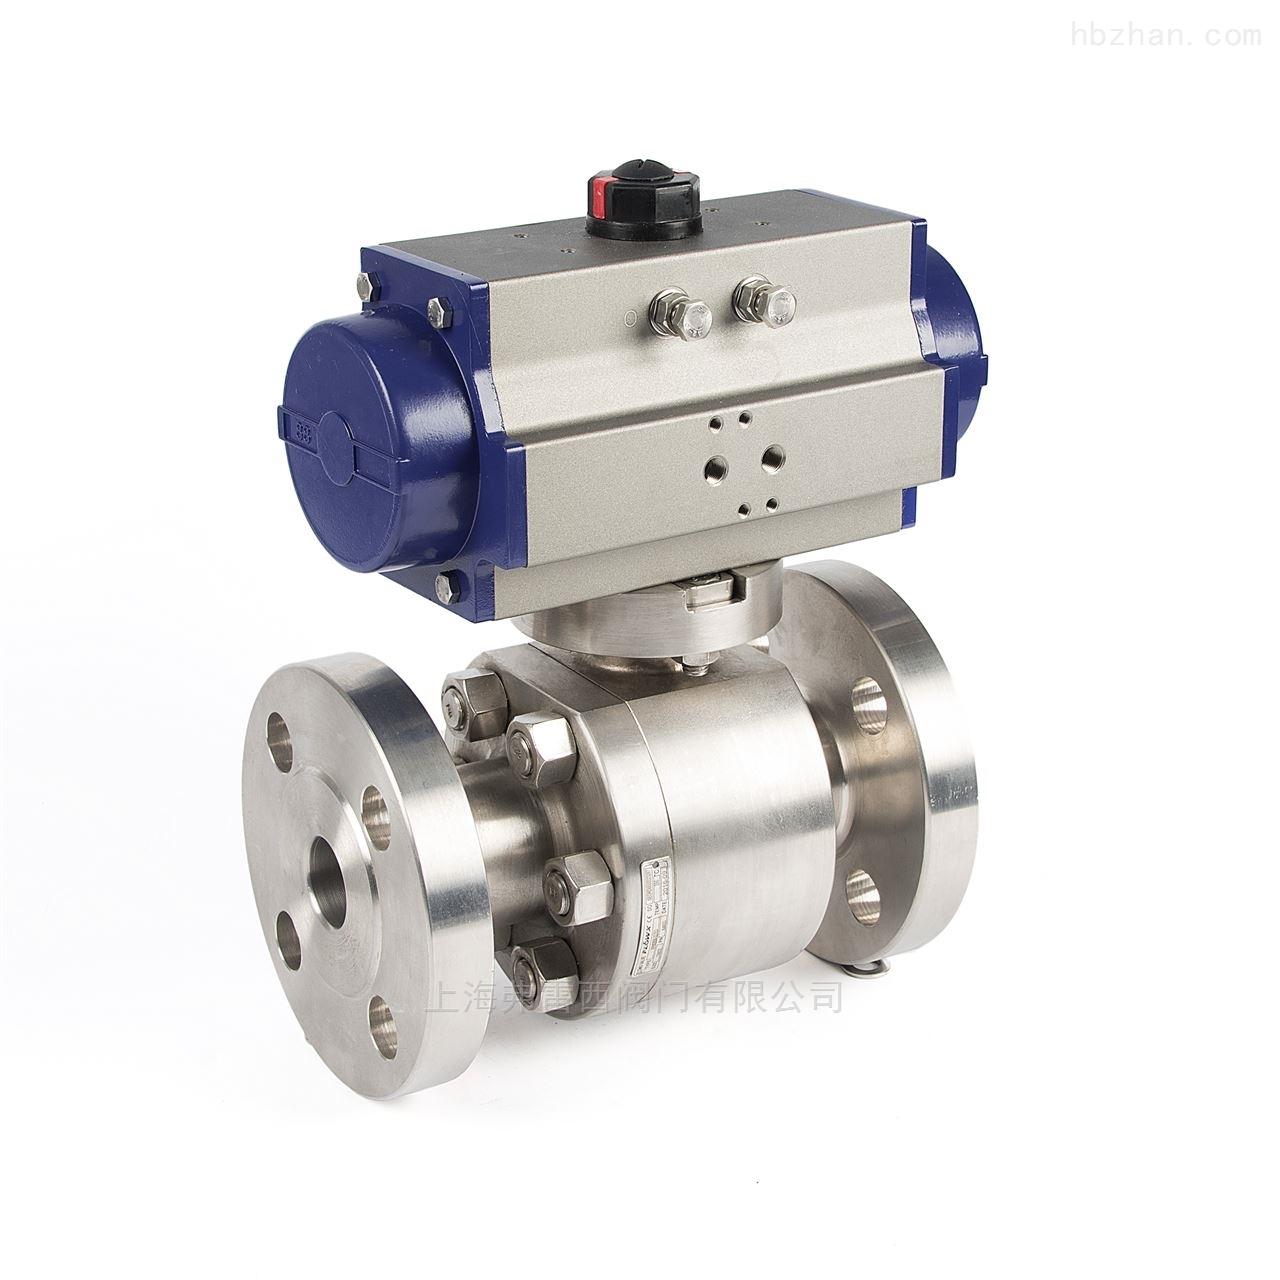 油压系统法兰式高压球阀,主要用于液压管路